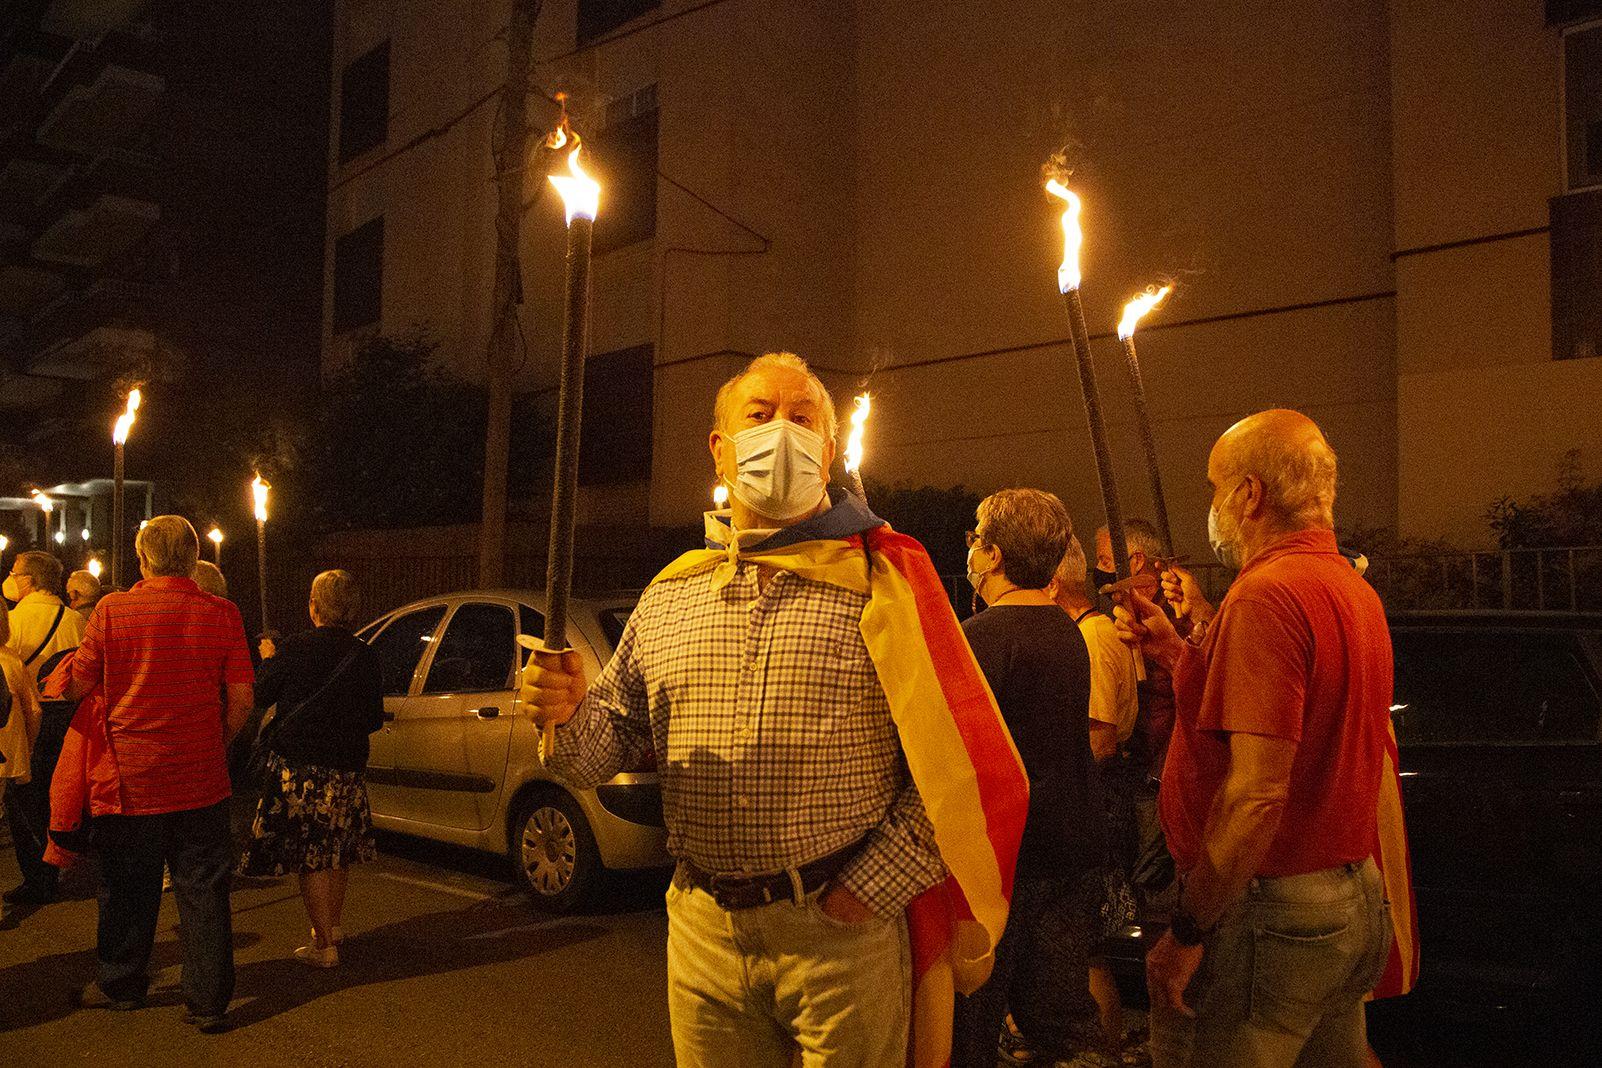 Recorregut de la Marxa de Torxes organitzada per Òmnium Cultural. Foto: Anna Bassa